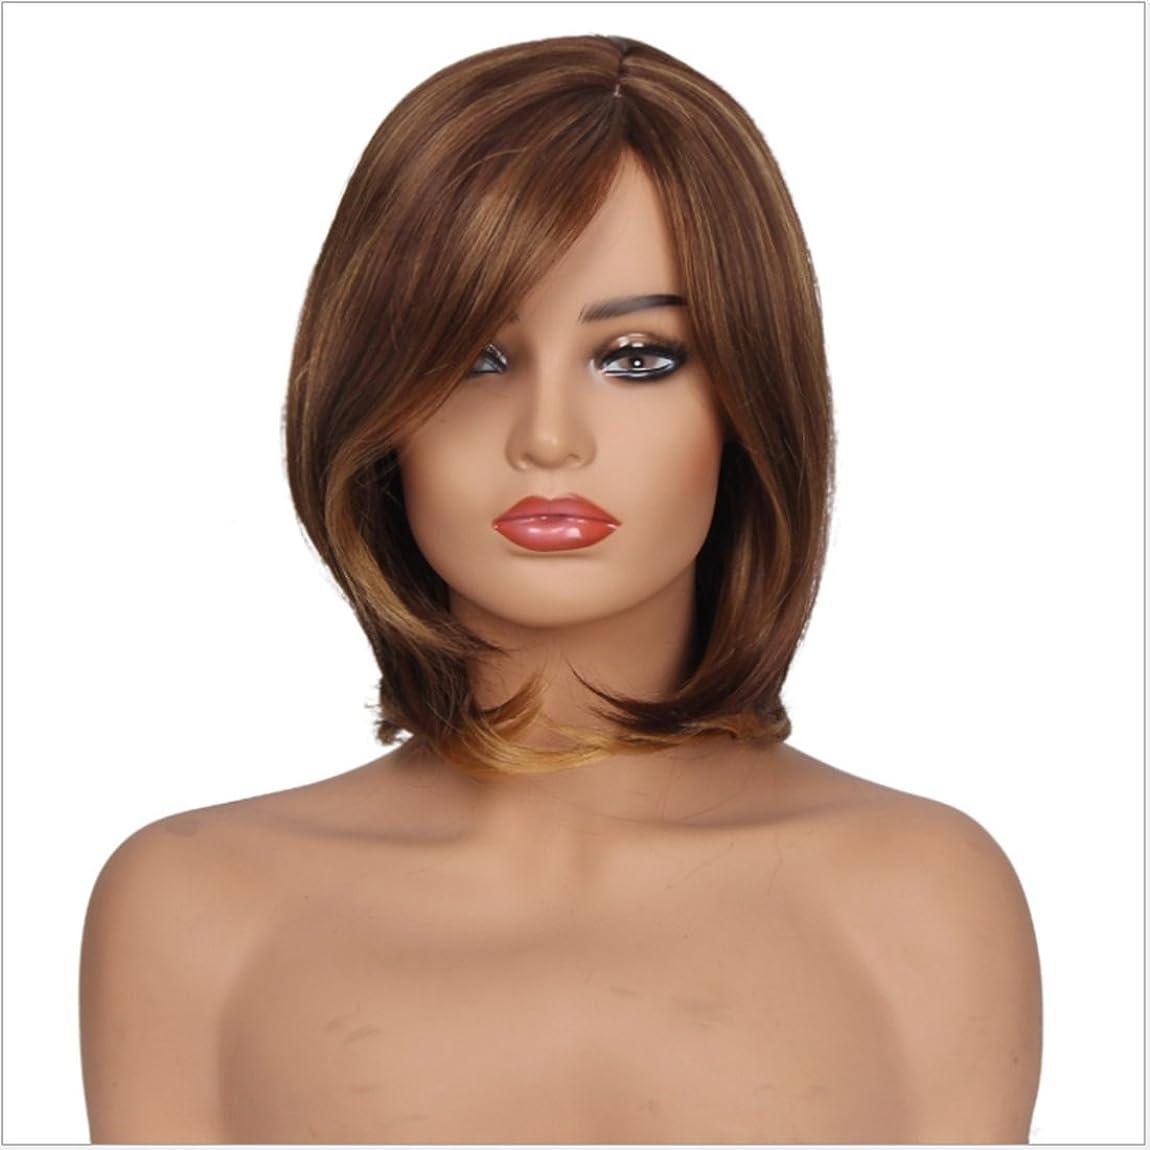 温かい反発不機嫌Doyvanntgo 女性のためのブラウンの黒のかつら内部のバックルの短いウィッグは、斜めのつま先で14inchの長さのための髪の耐熱性のウィッグ (Color : Brownish black)